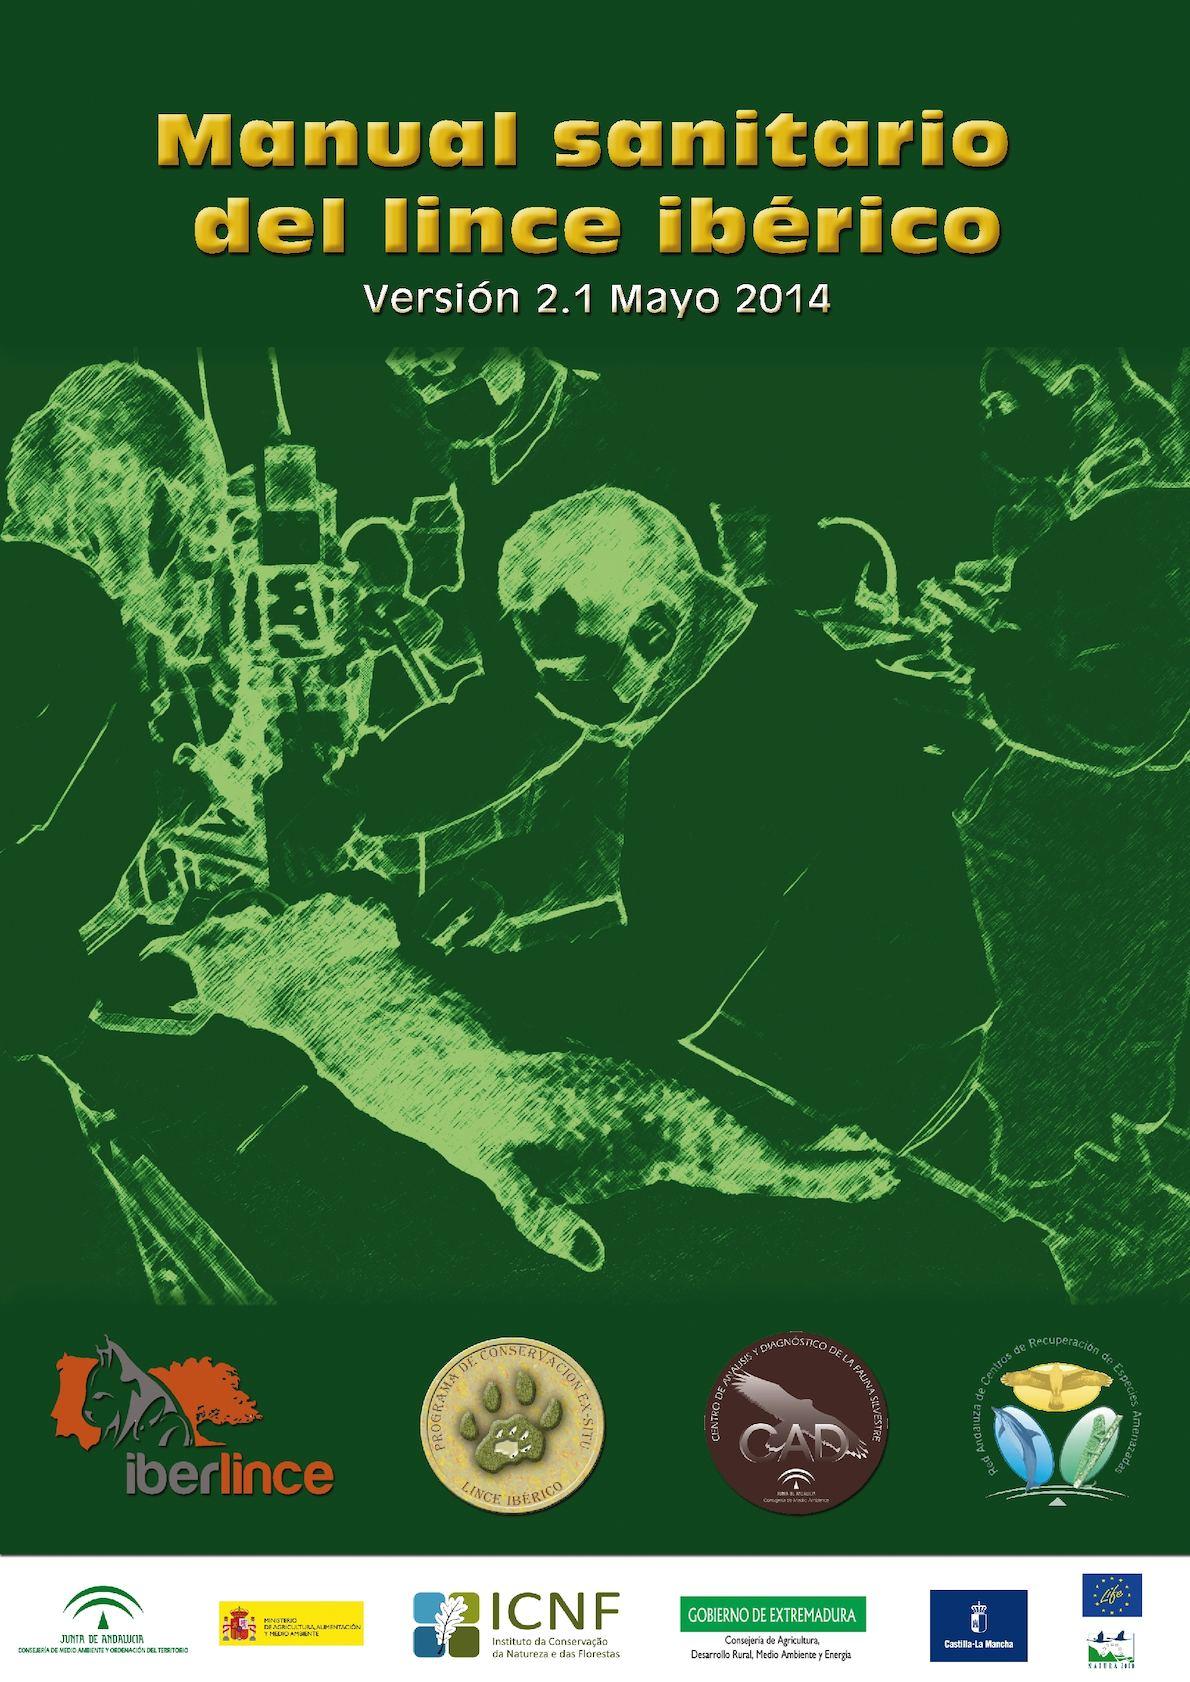 Calaméo - Manual Sanitario Lince Ibérico. 2014